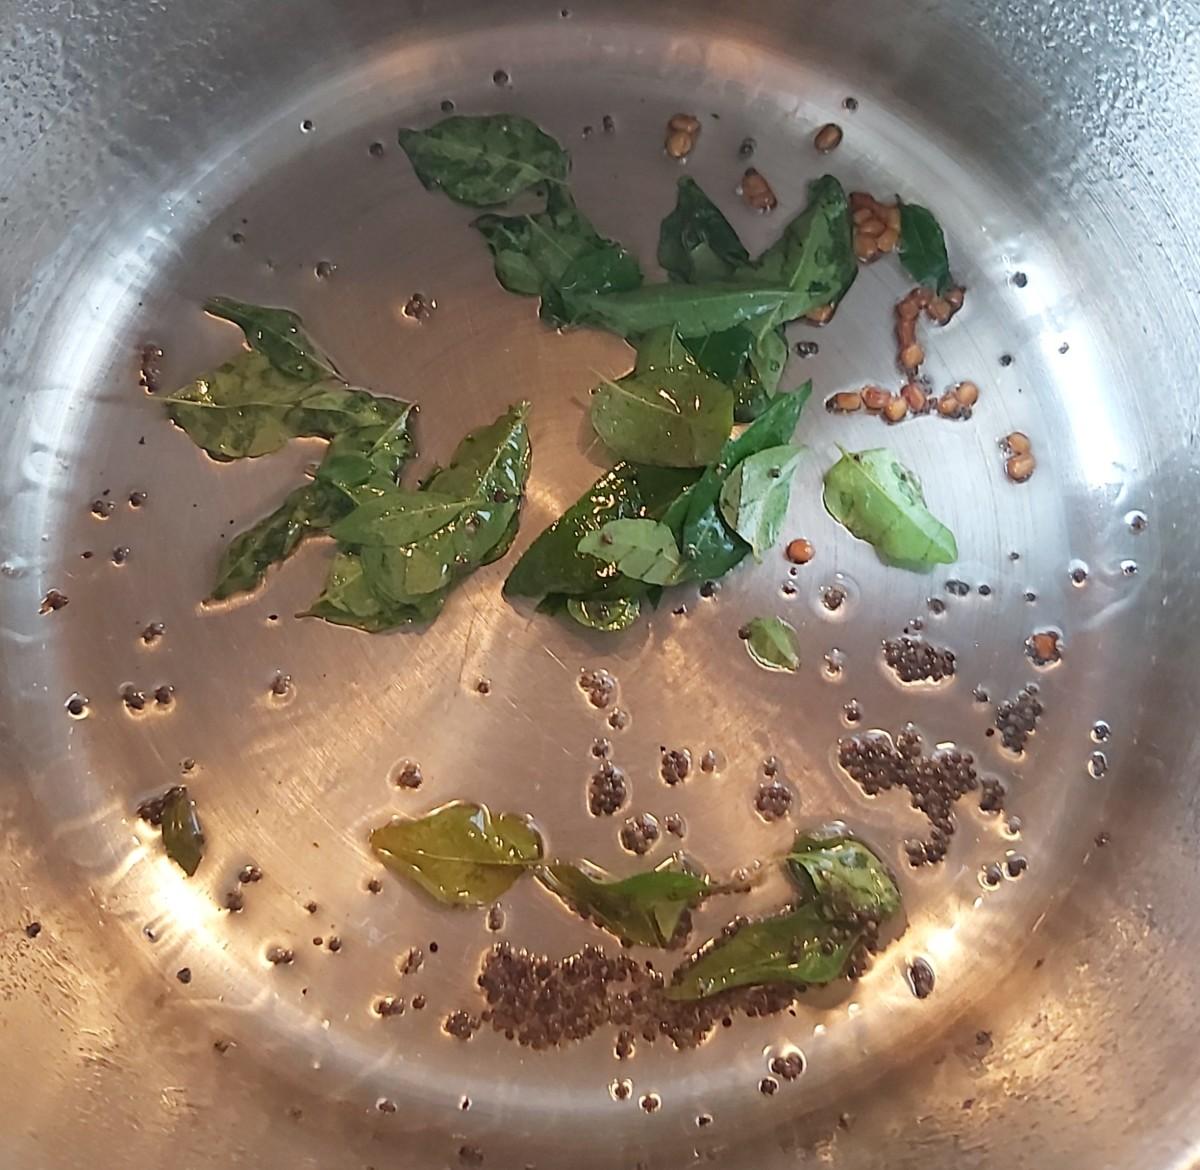 In a pan or pot, heat 1-2 teaspoons of oil, splutter 1/2 teaspoon of mustard seeds, 1/4 teaspoon of fenugreek seeds or methi seeds and 1-2 strings of fresh curry leaves. Fry till curry leaves turn crisp.